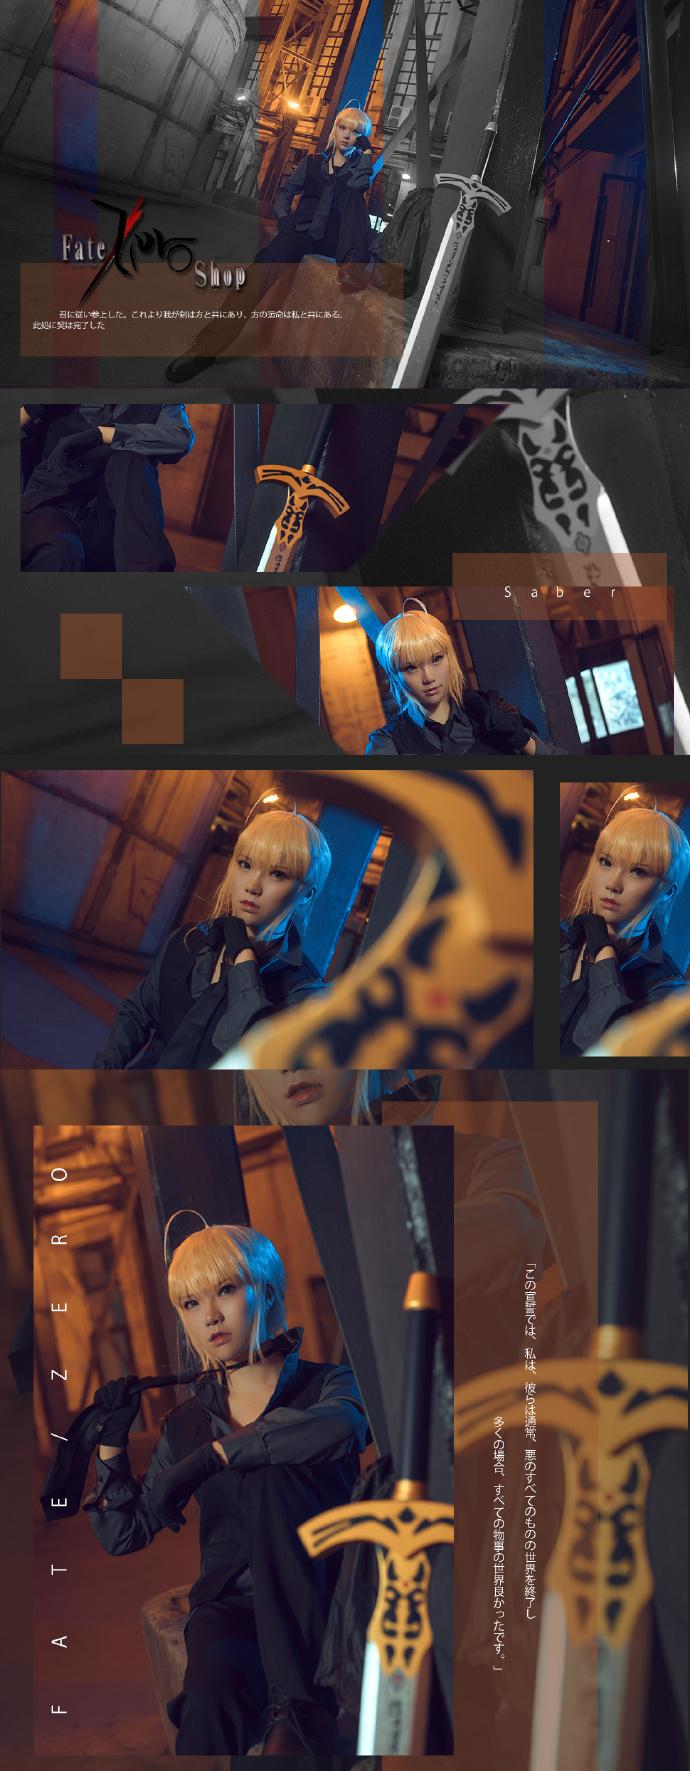 【cos正片】Fate/Zero saber黑西装cos欣赏 cn:寒殇 cosplay-第6张